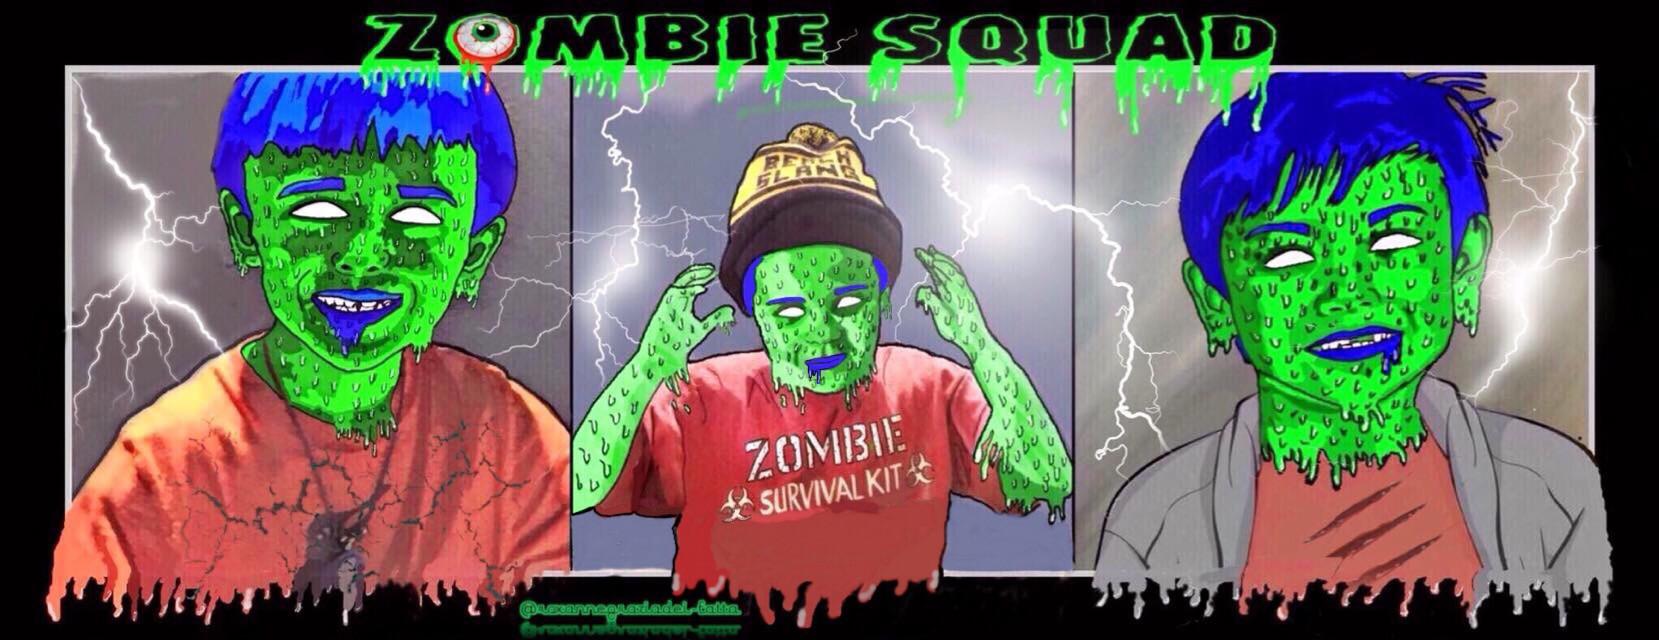 #zombiesquad #grimeart #zombiegrime #zombieboyz #halloween2019 #drawtools #picsart #madewithpicsart @picsart